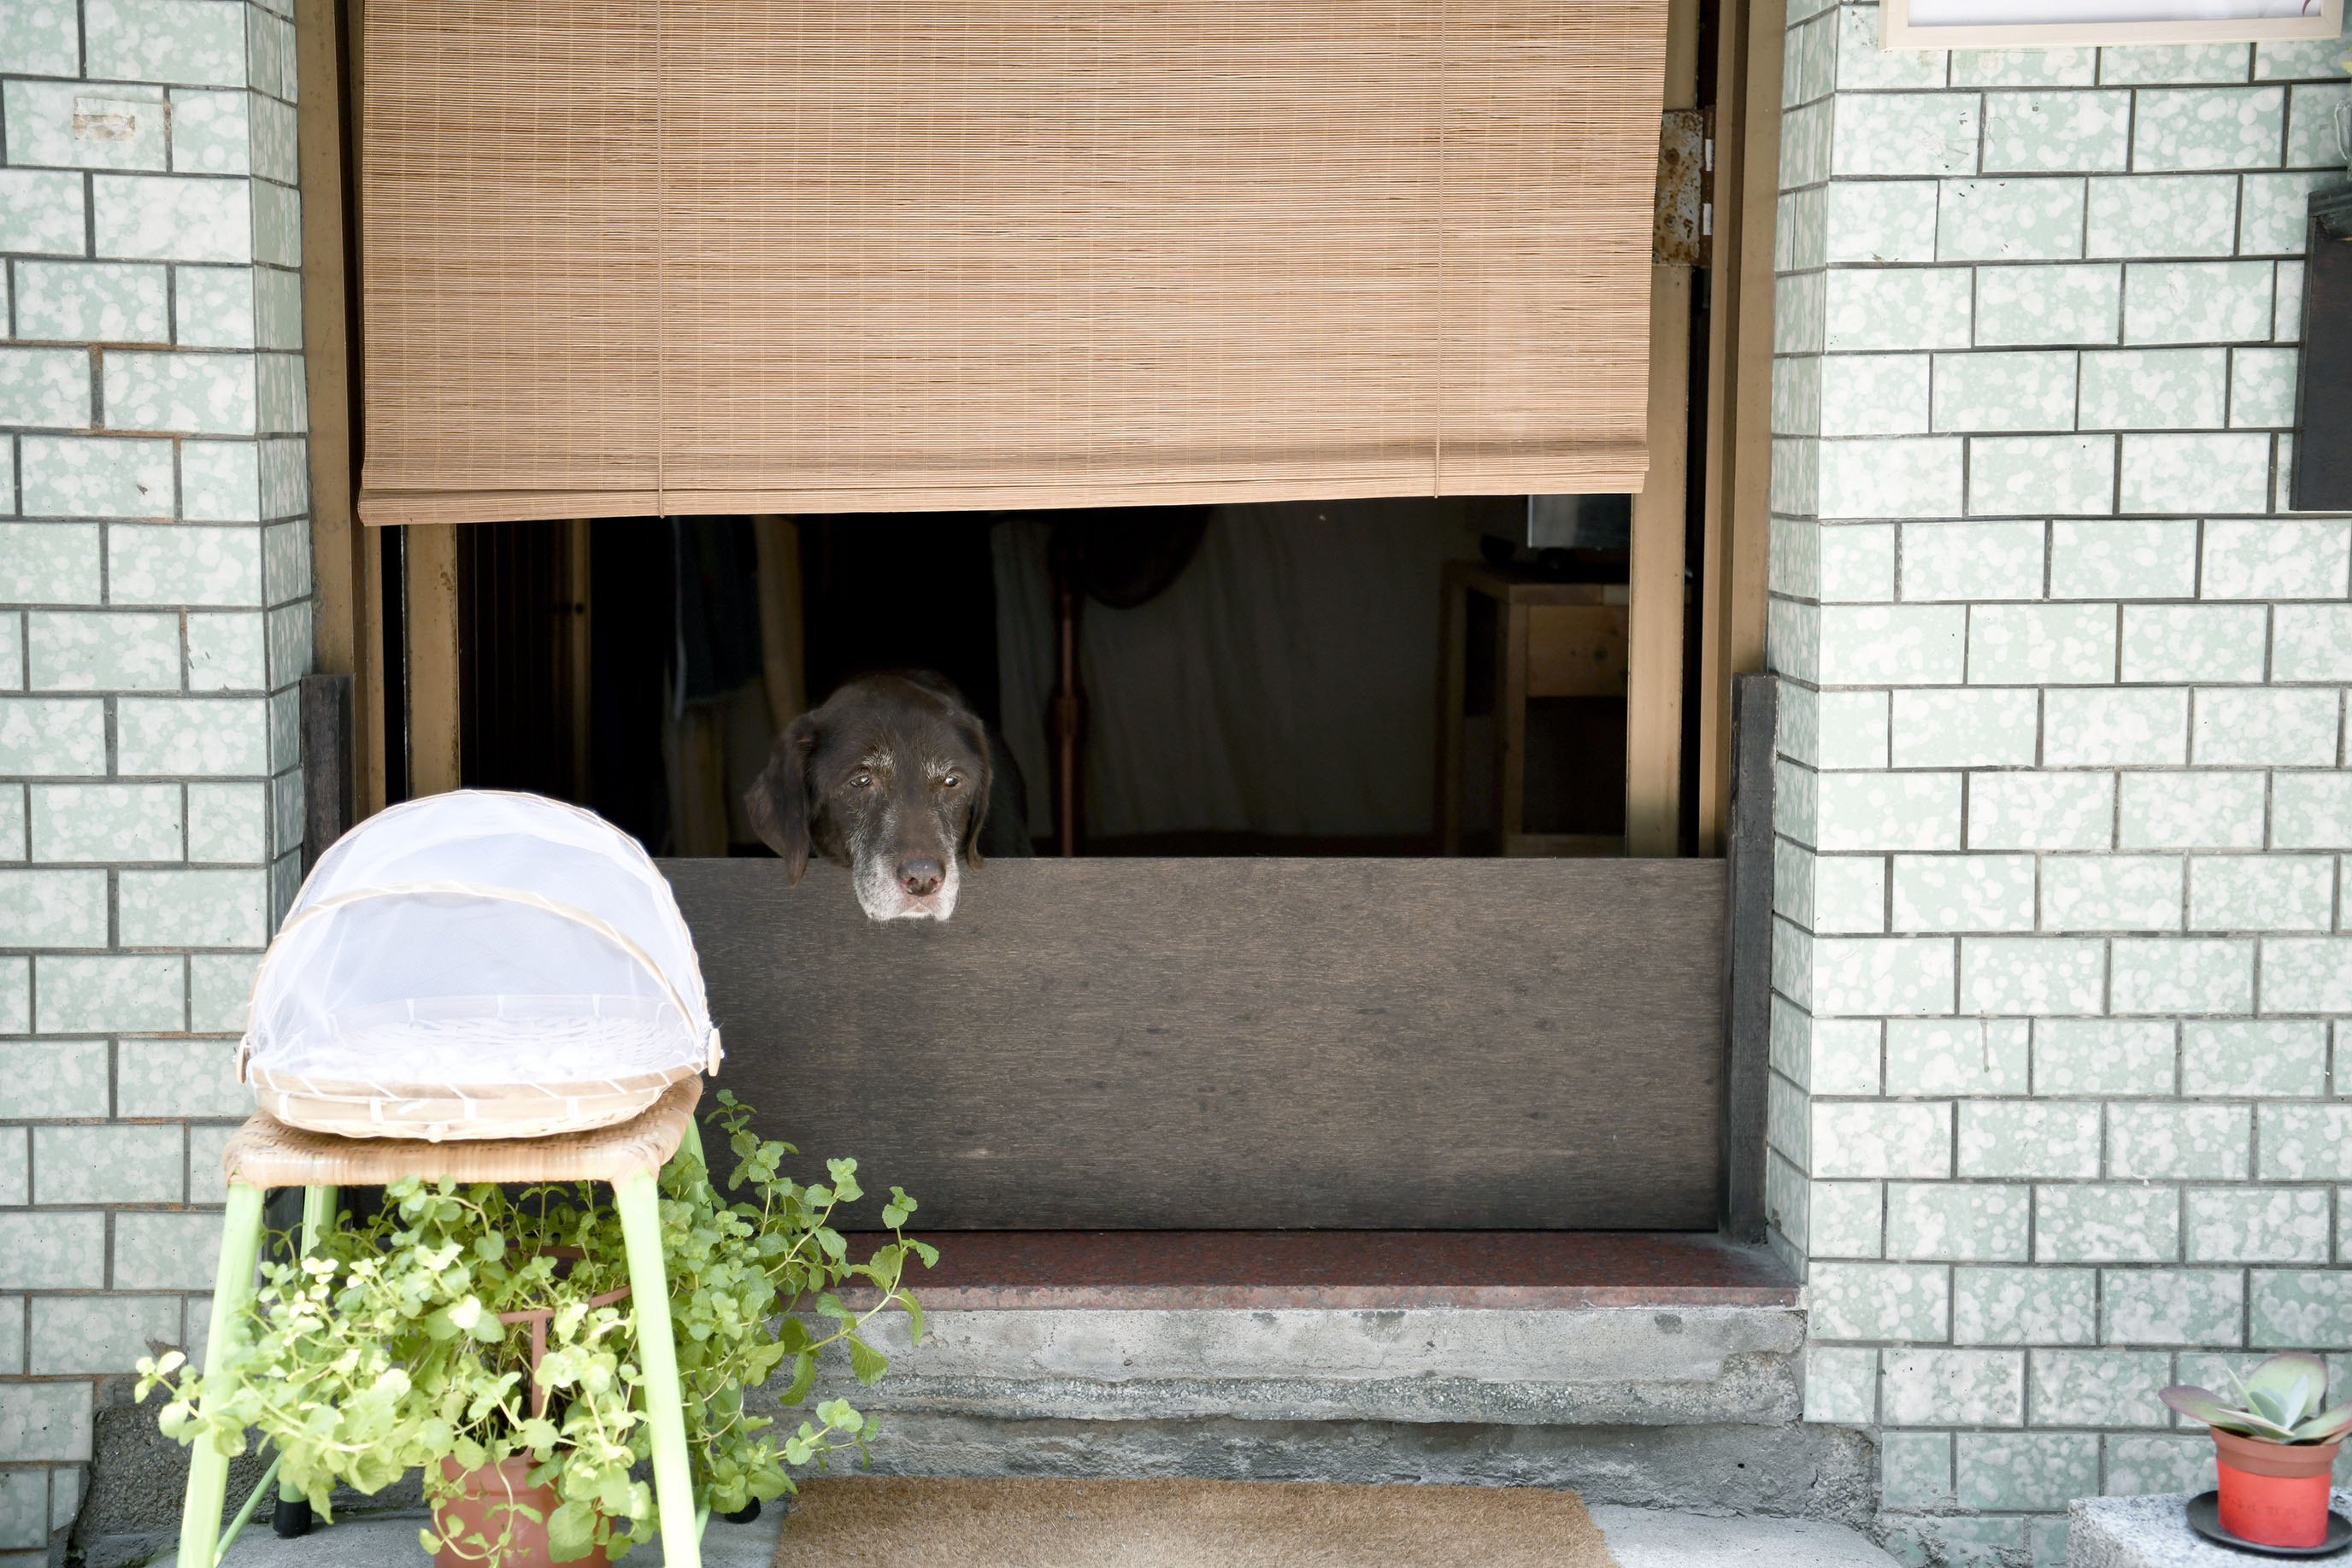 台北 菜菜朝食|苓苓與拉拉的迷你早餐店,我們一人一邊守護日子的窗口。